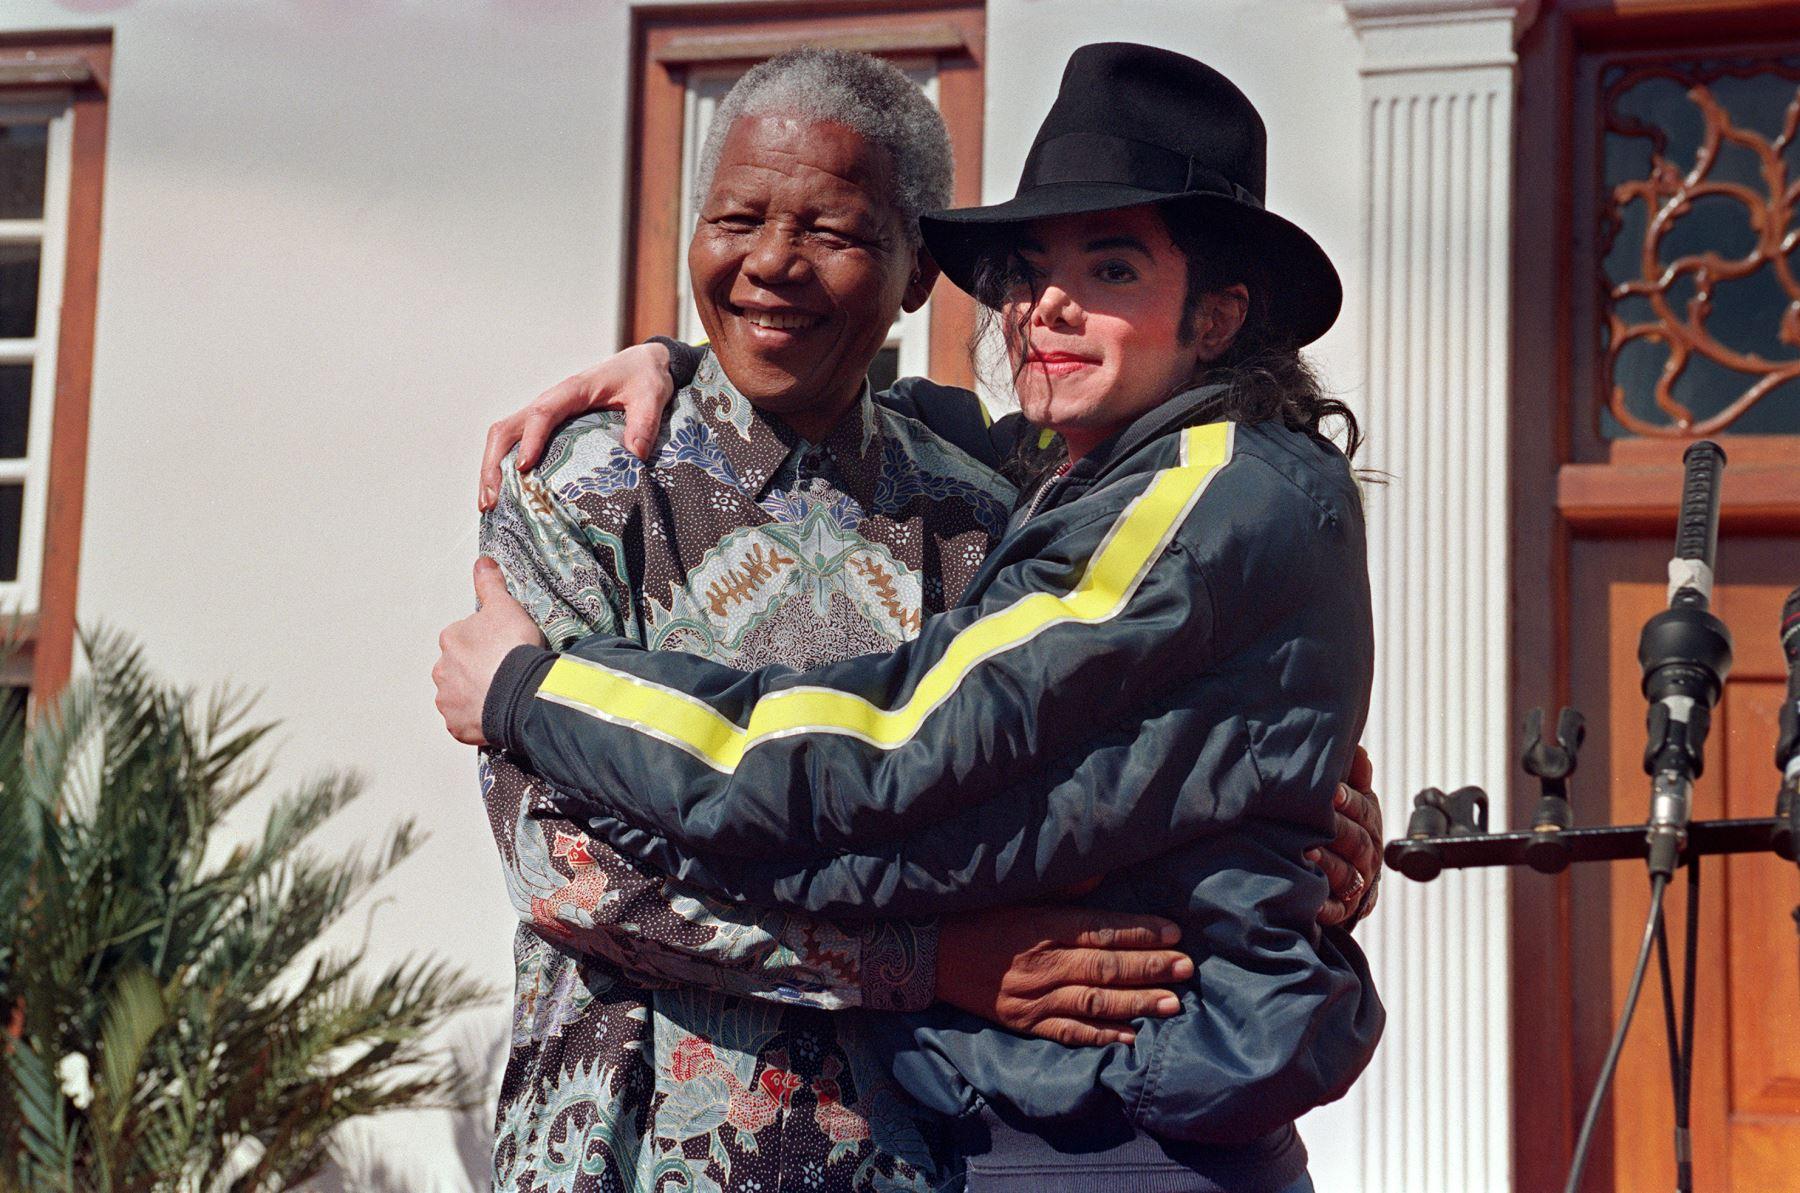 La estrella pop y artista estadounidense Michael Jackson (R) posa con el ganador del Premio Nobel Nelson Mandela (L) en Kwazulu-Natal el 19 de julio de 1996. Foto: AFP